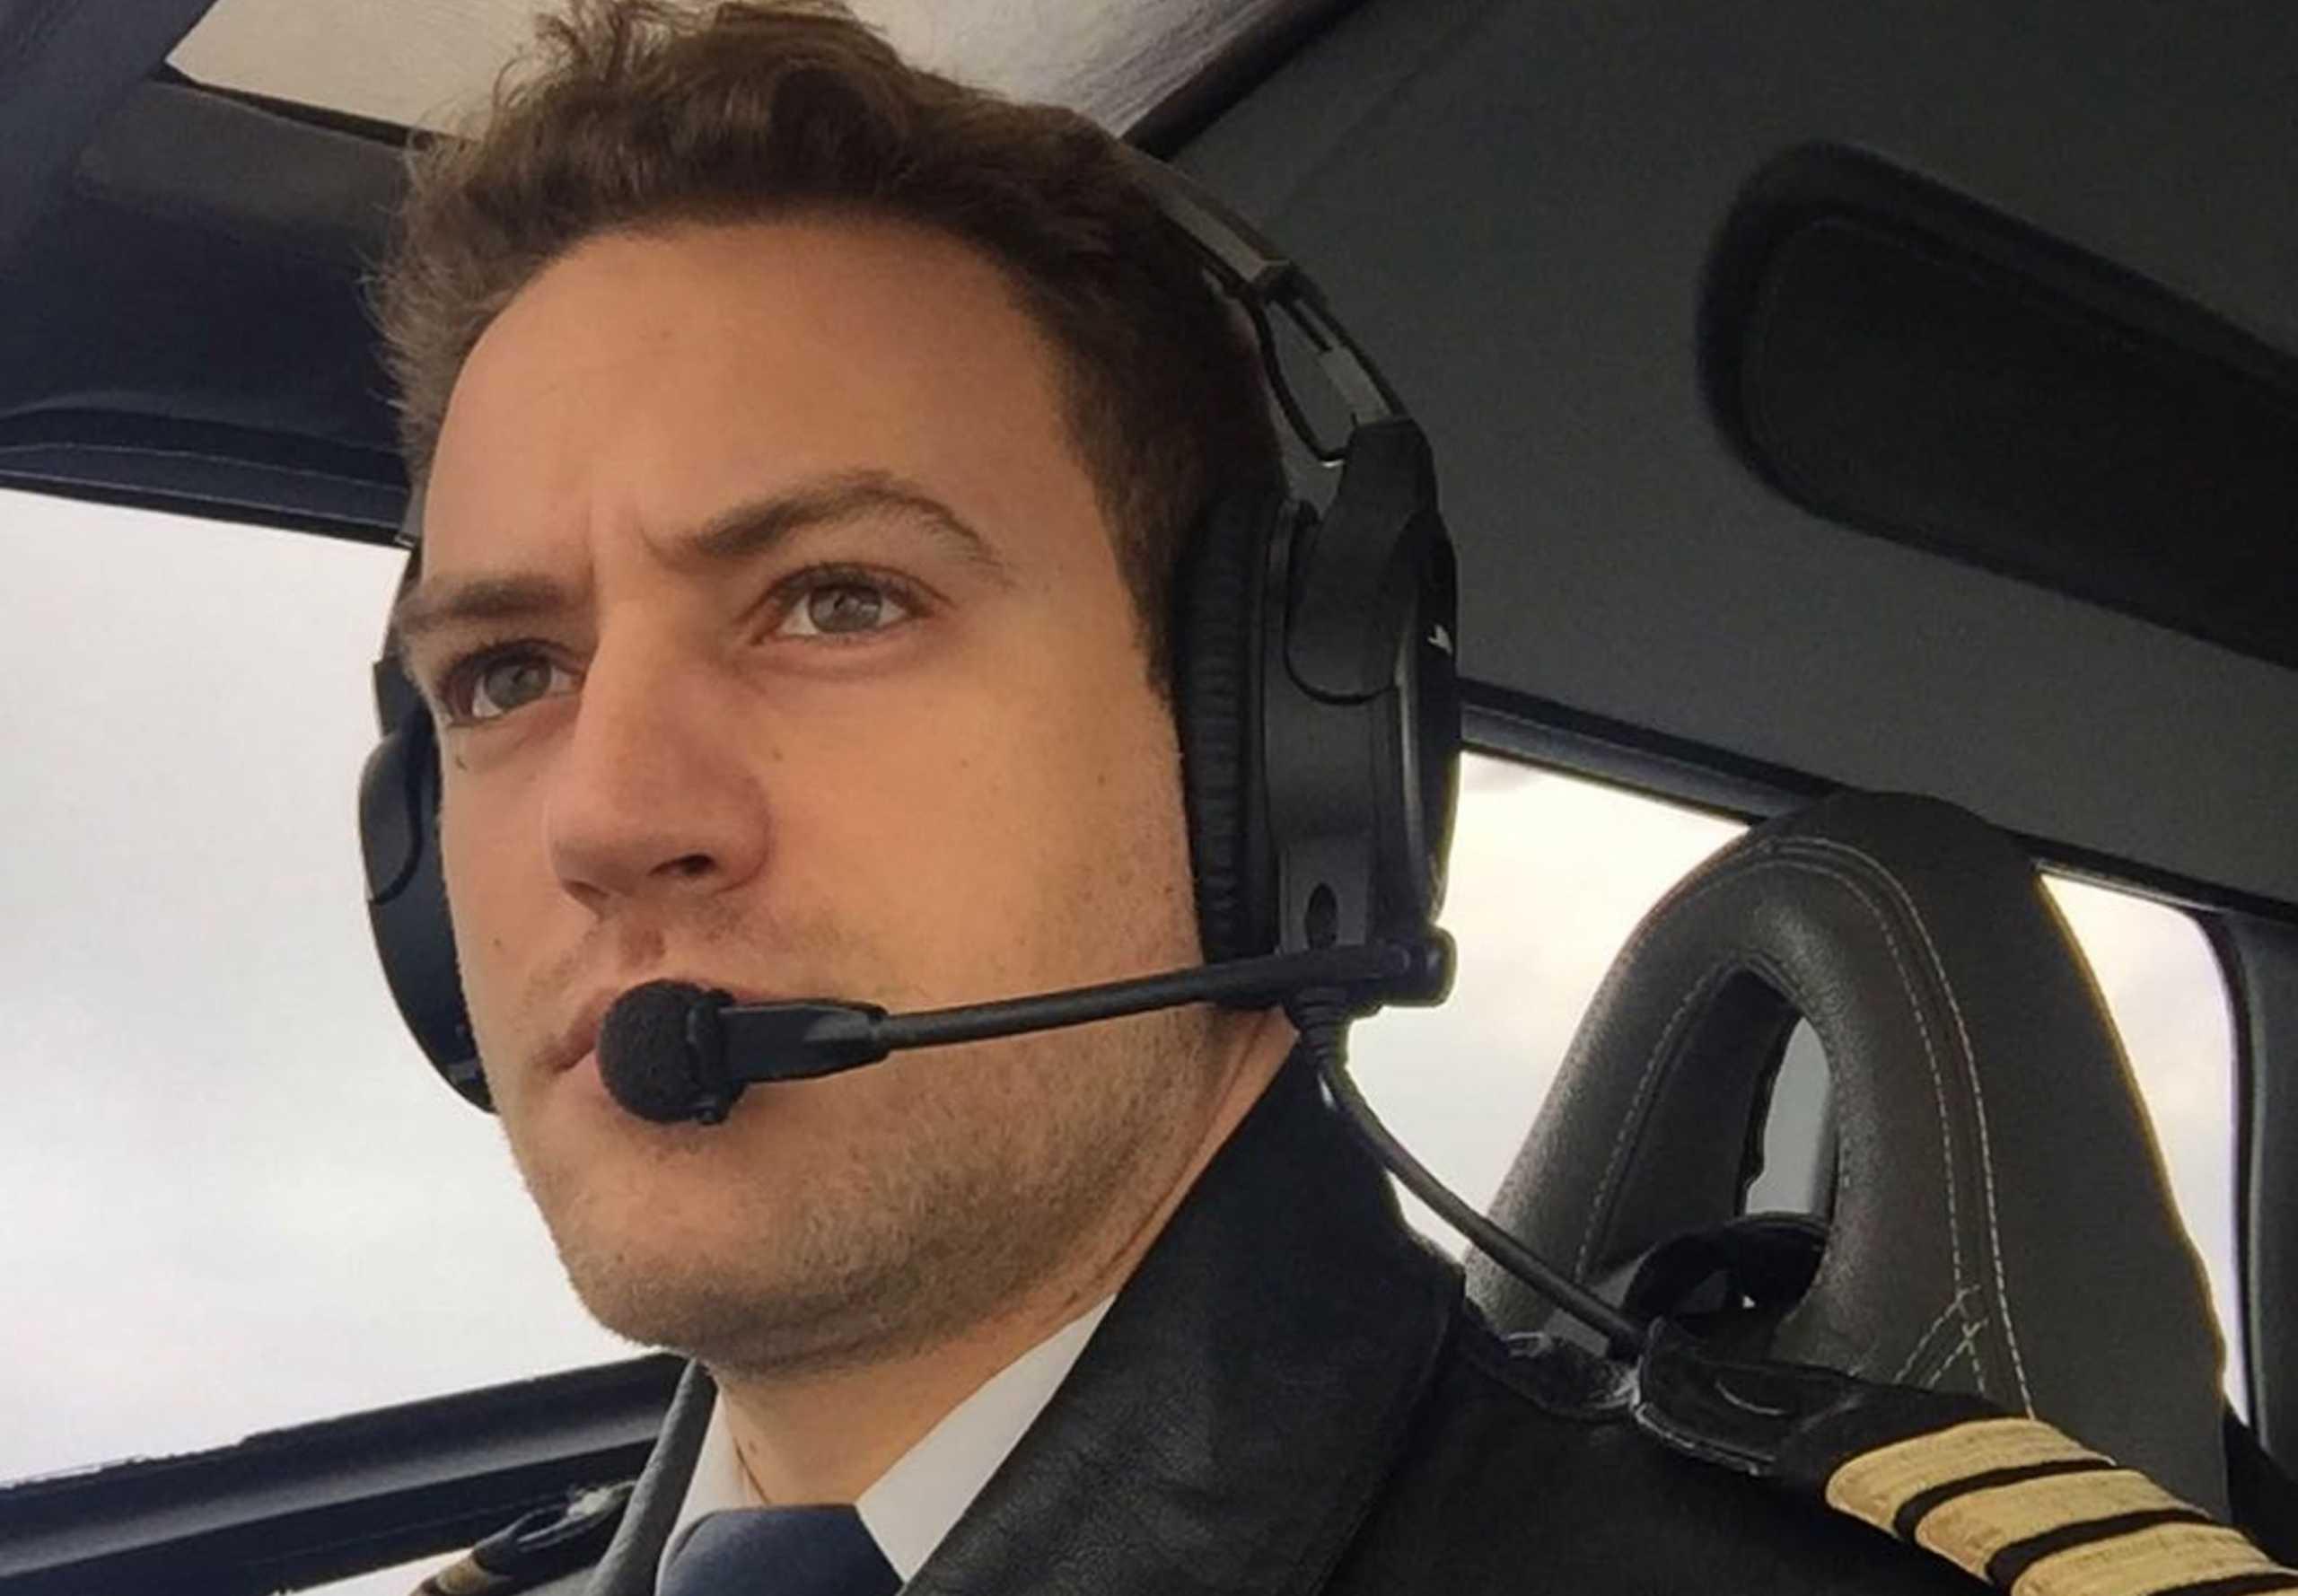 Γλυκά Νερά: ΒΙΝΤΕΟ Οι συνομιλίες του πιλότου με την Αγγελική Νικολούλη